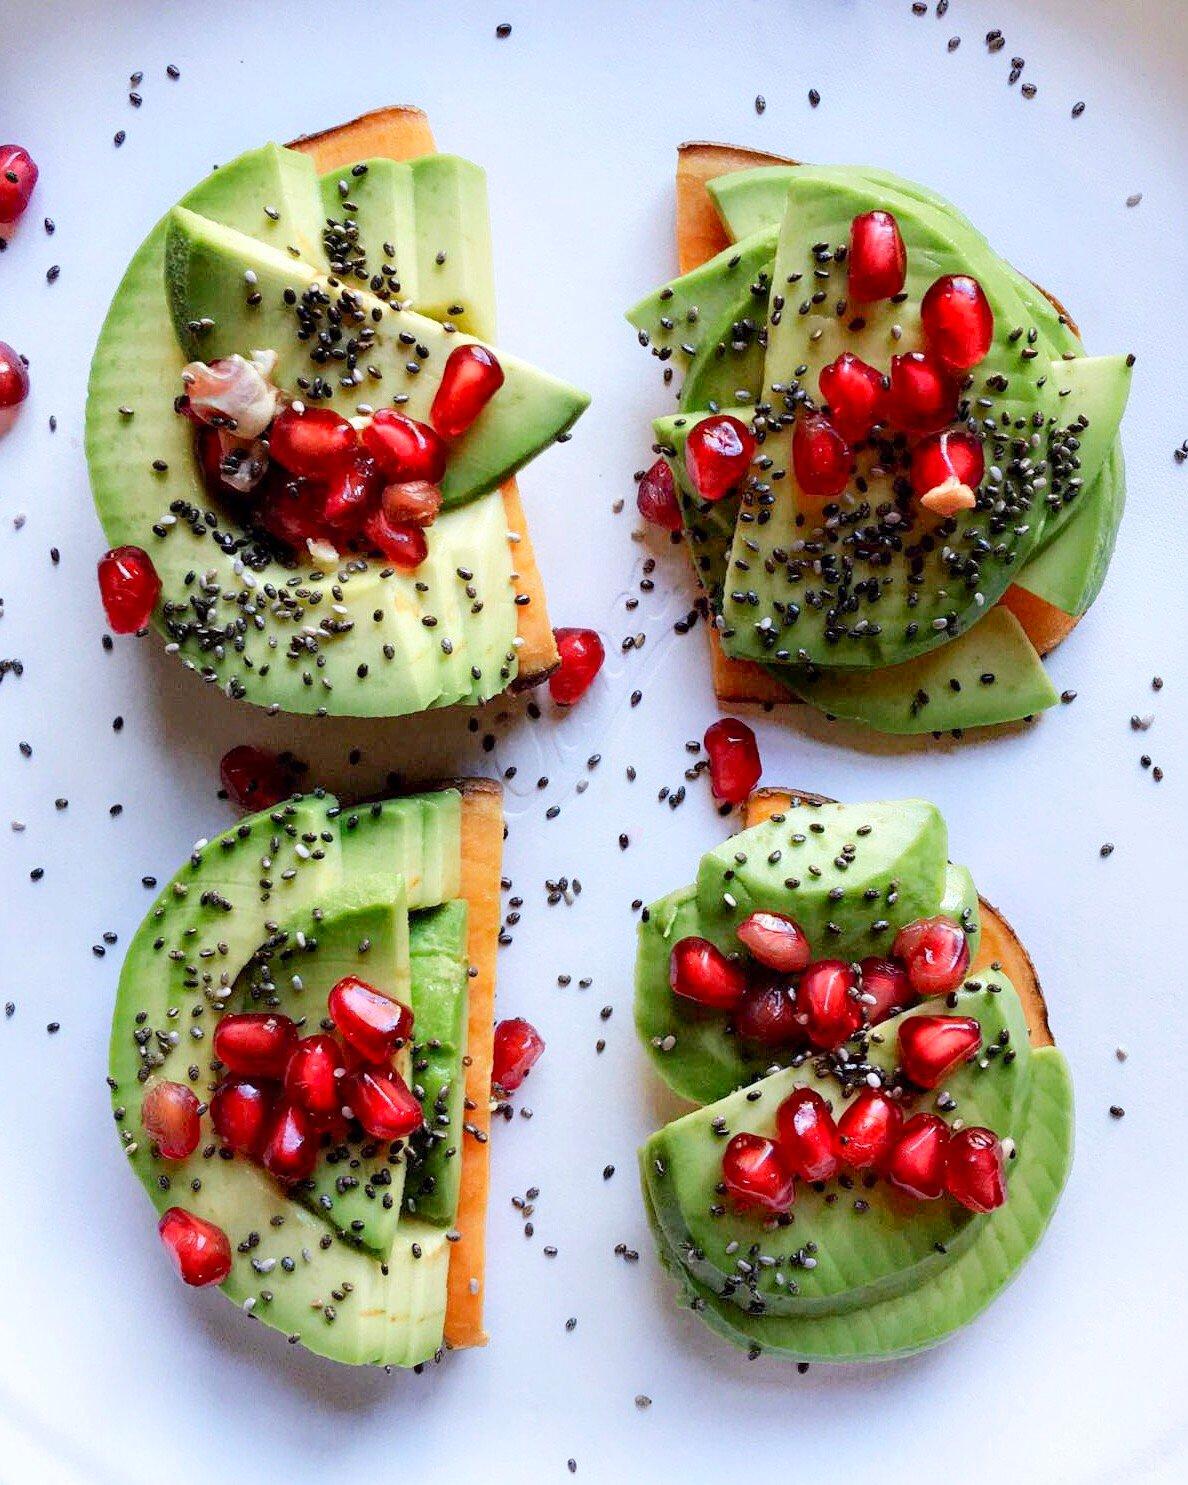 Healthy Food Georgetown Dc